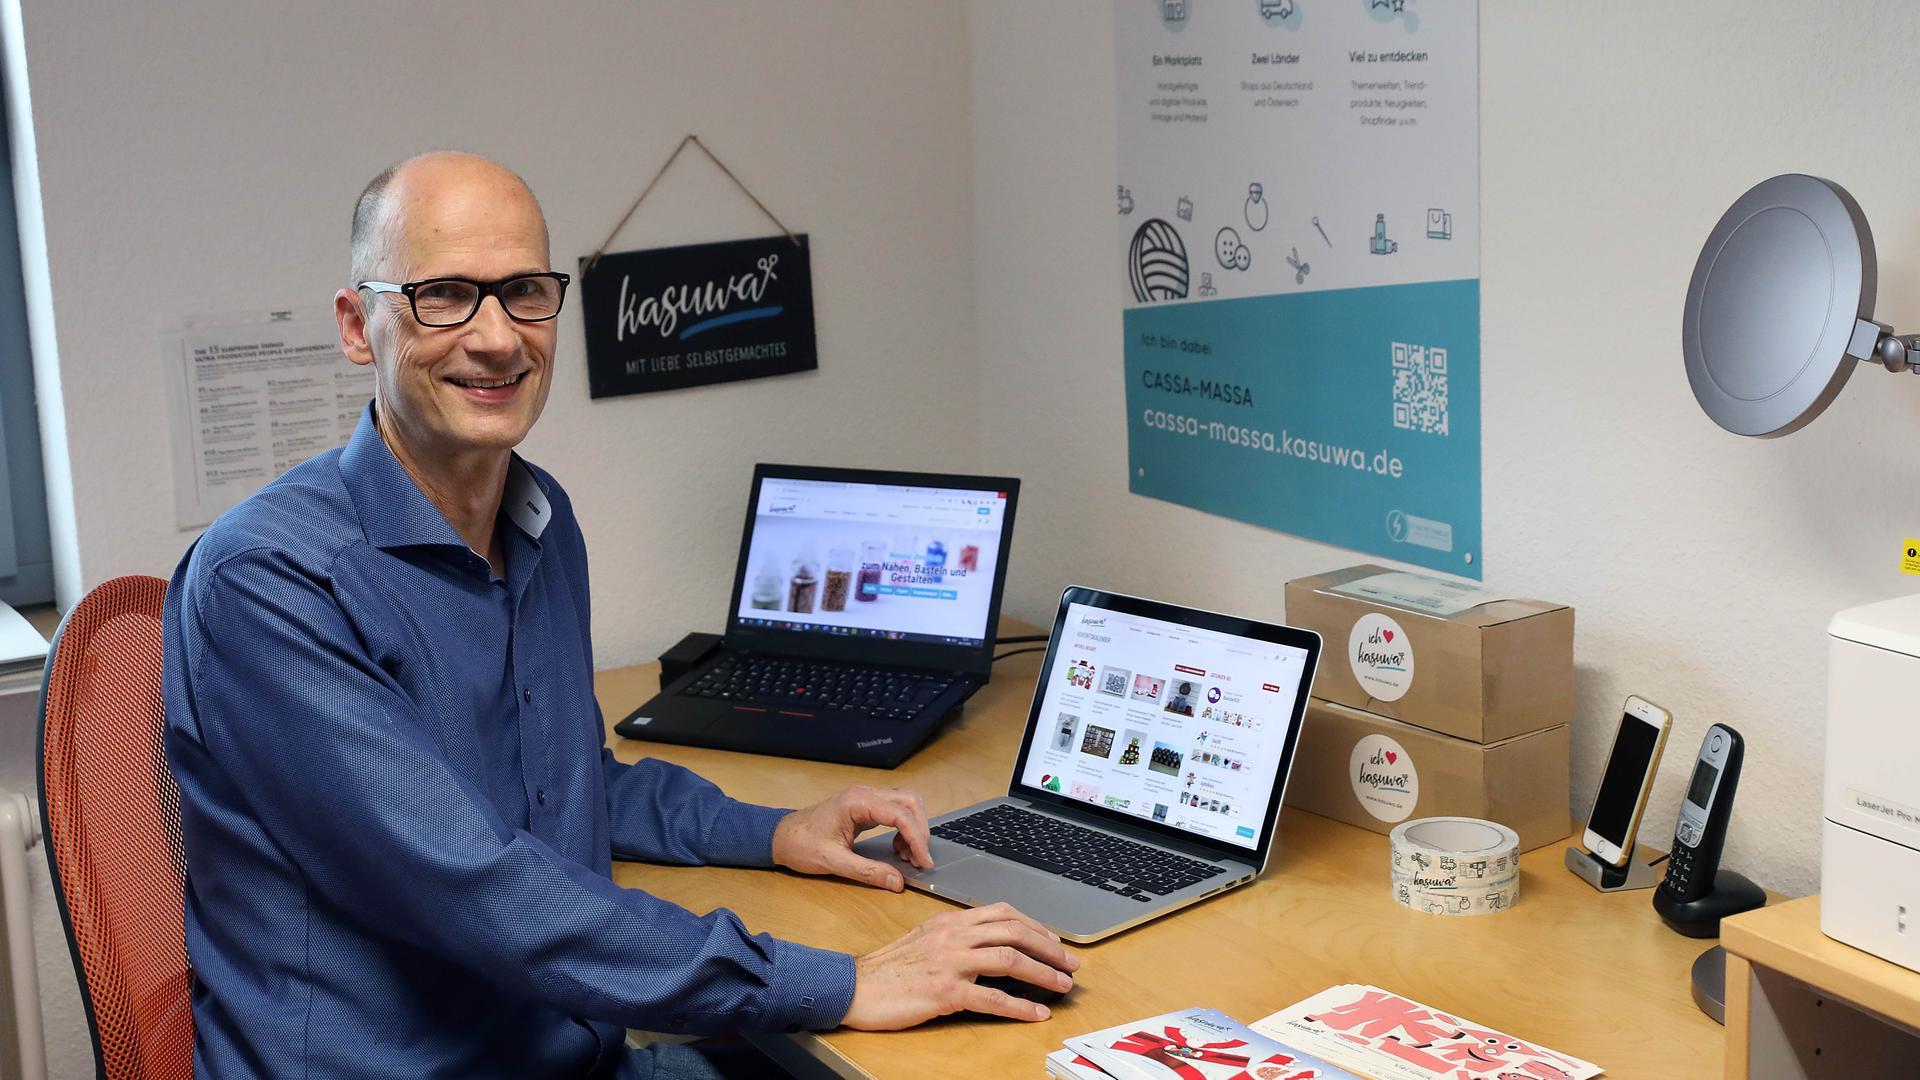 Uwe Günzel sitzt am Schreibtisch, wo zwei aufgeklappte Laptops die Internetseite der Plattform Kasuwa zeigen.